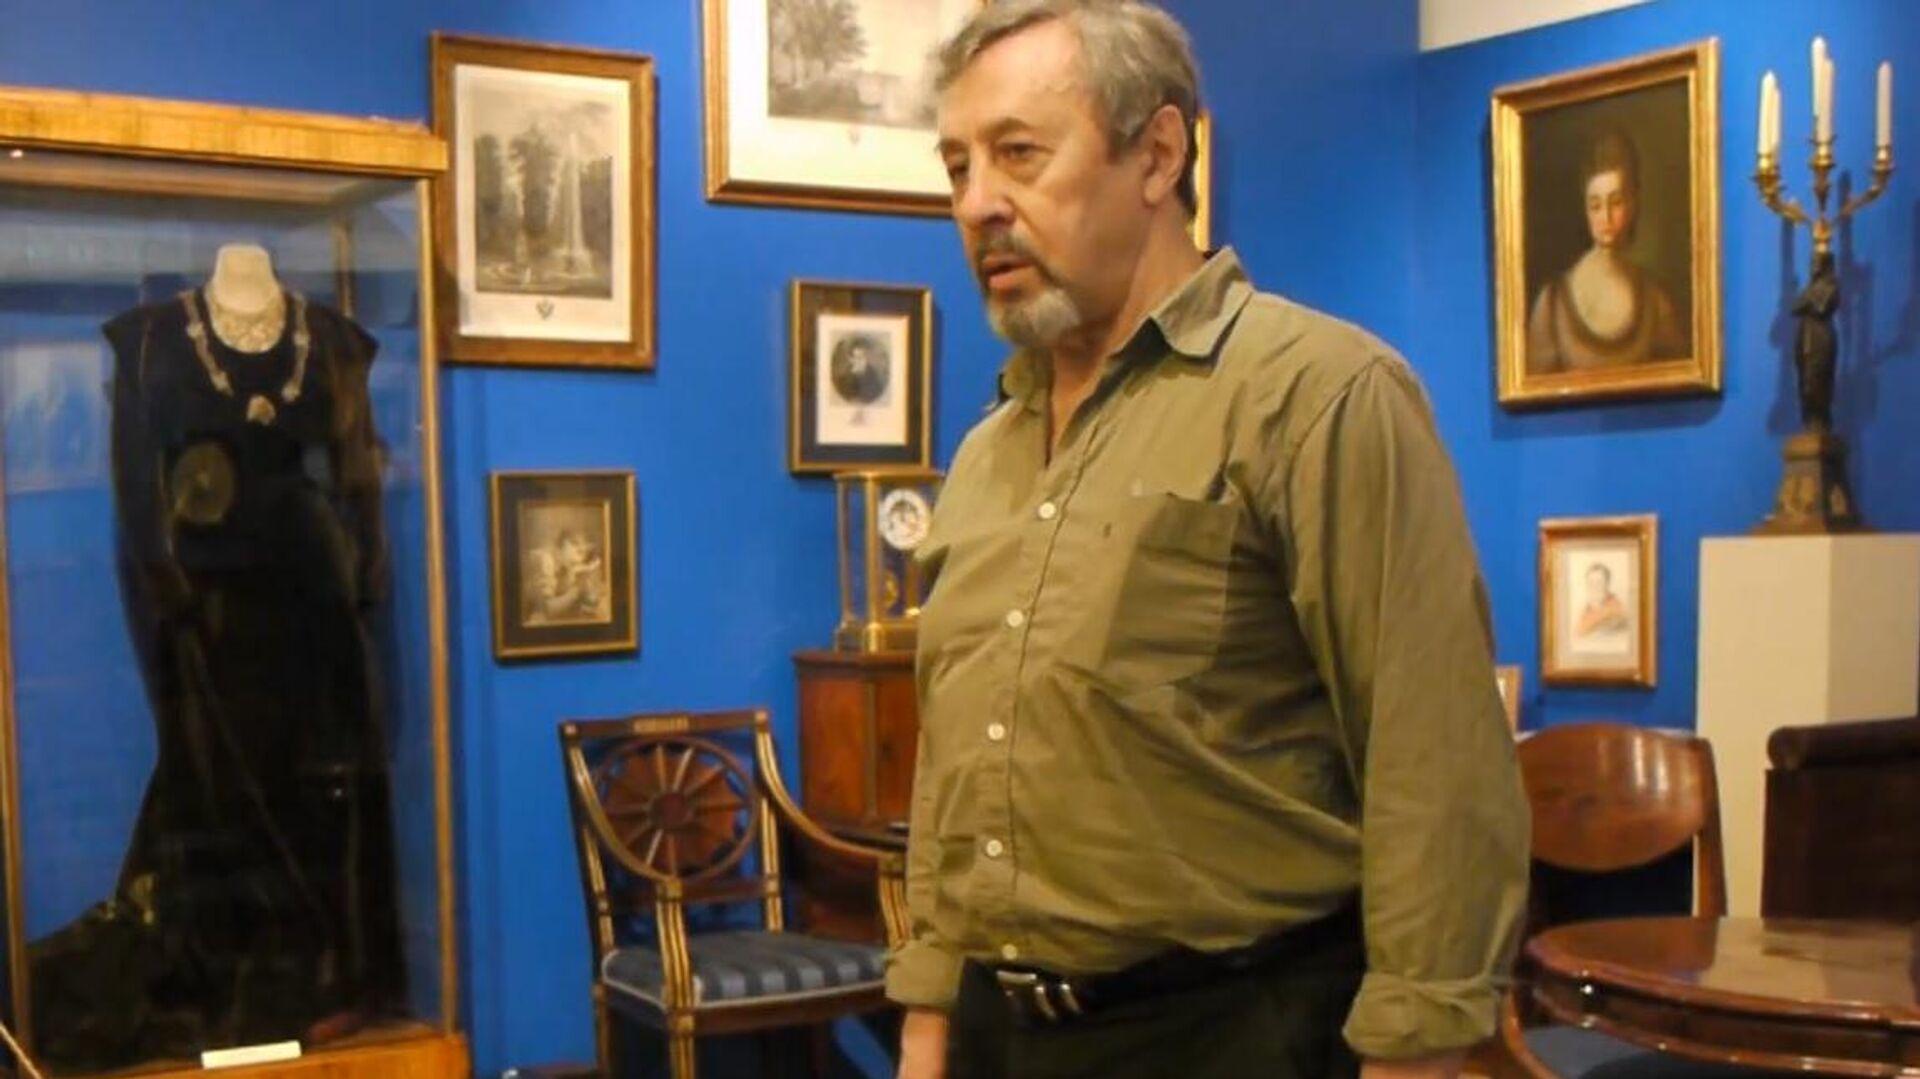 Песник Вјачеслав Купријанов - Sputnik Србија, 1920, 11.10.2021